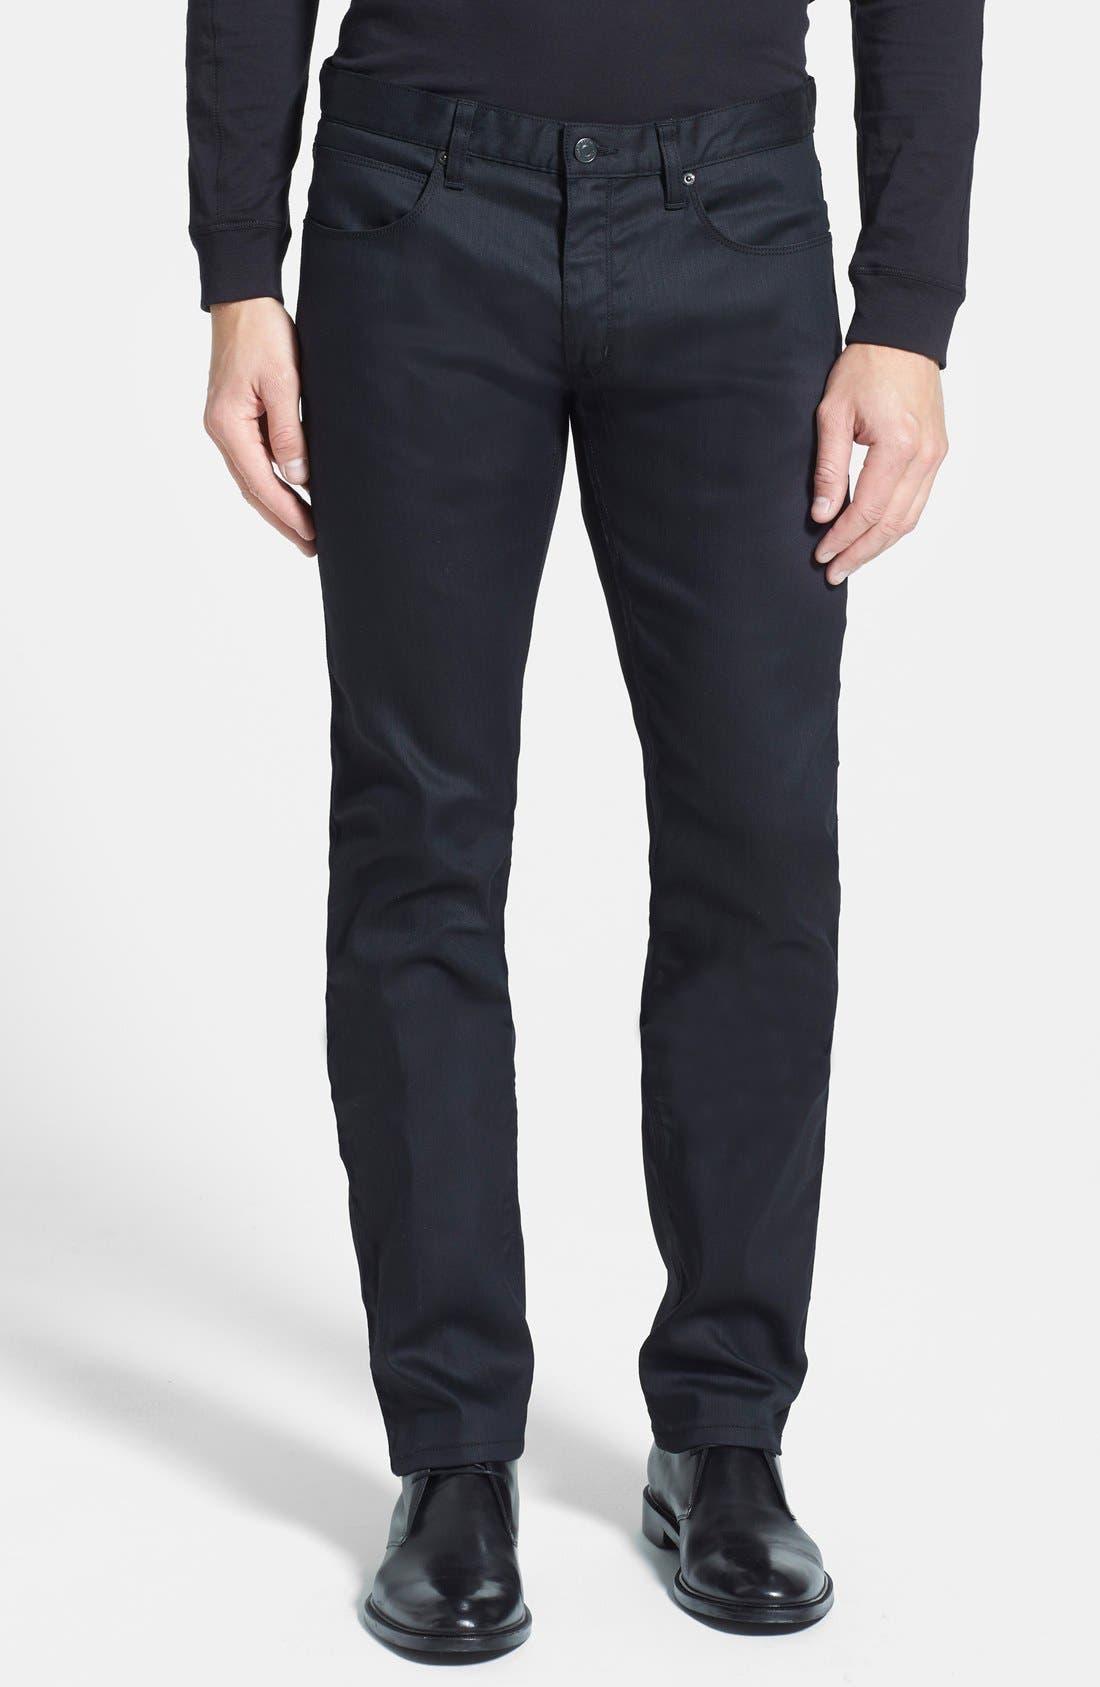 HUGO '708' Slim Fit Jeans,                         Main,                         color, Black